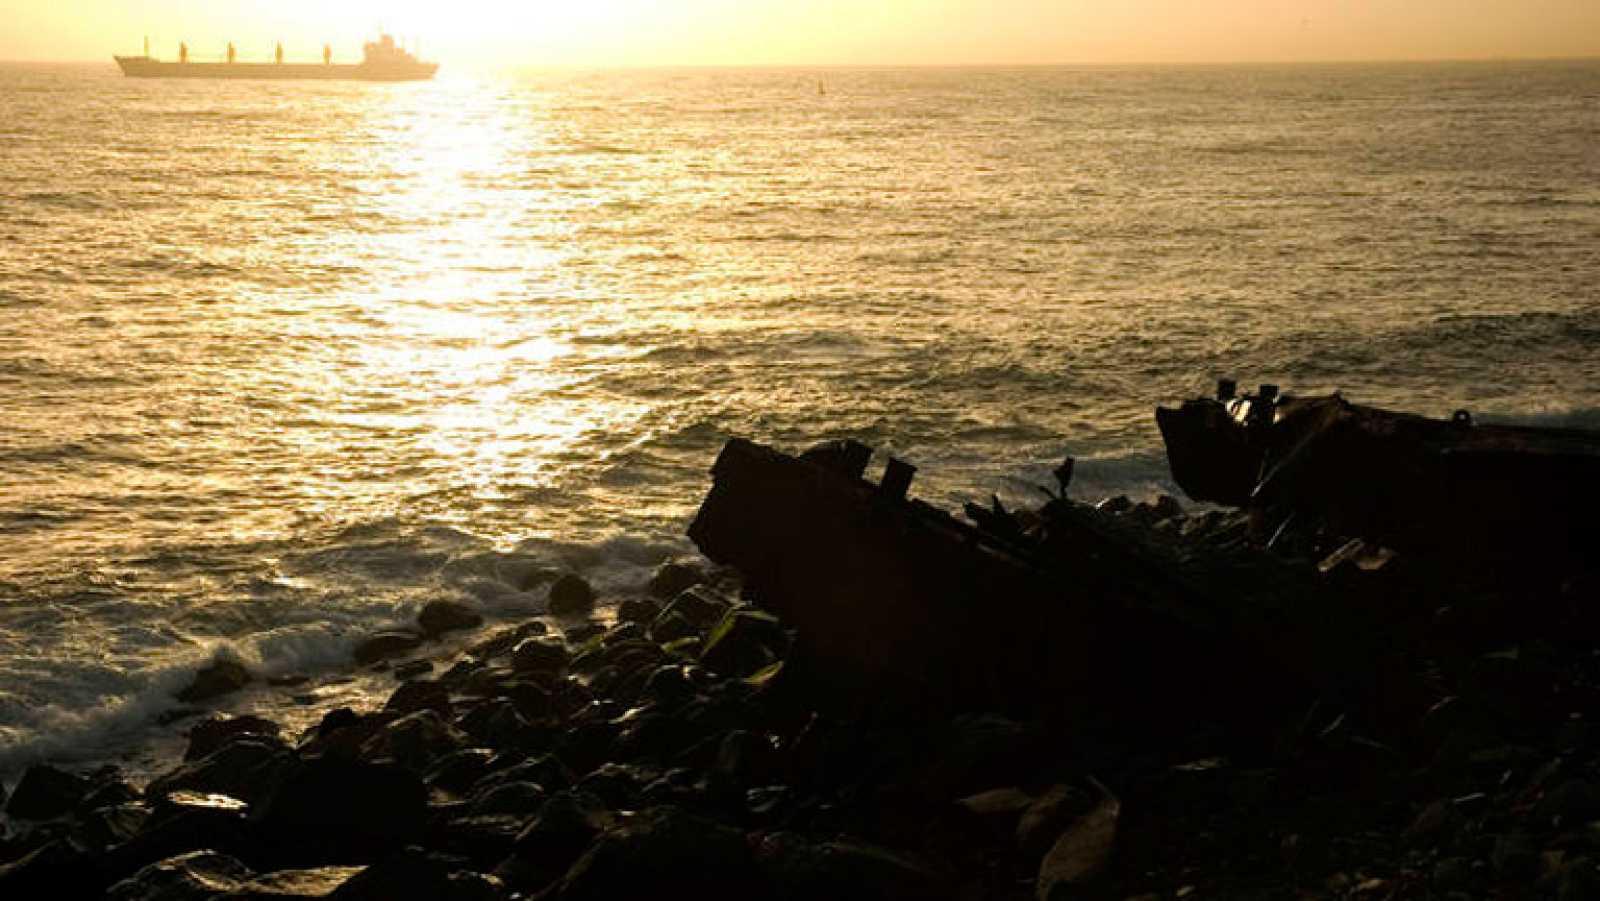 Medio Ambiente da luz verde a Repsol para realizar tres sondeos exploratorios en busca de petróleo en Canarias